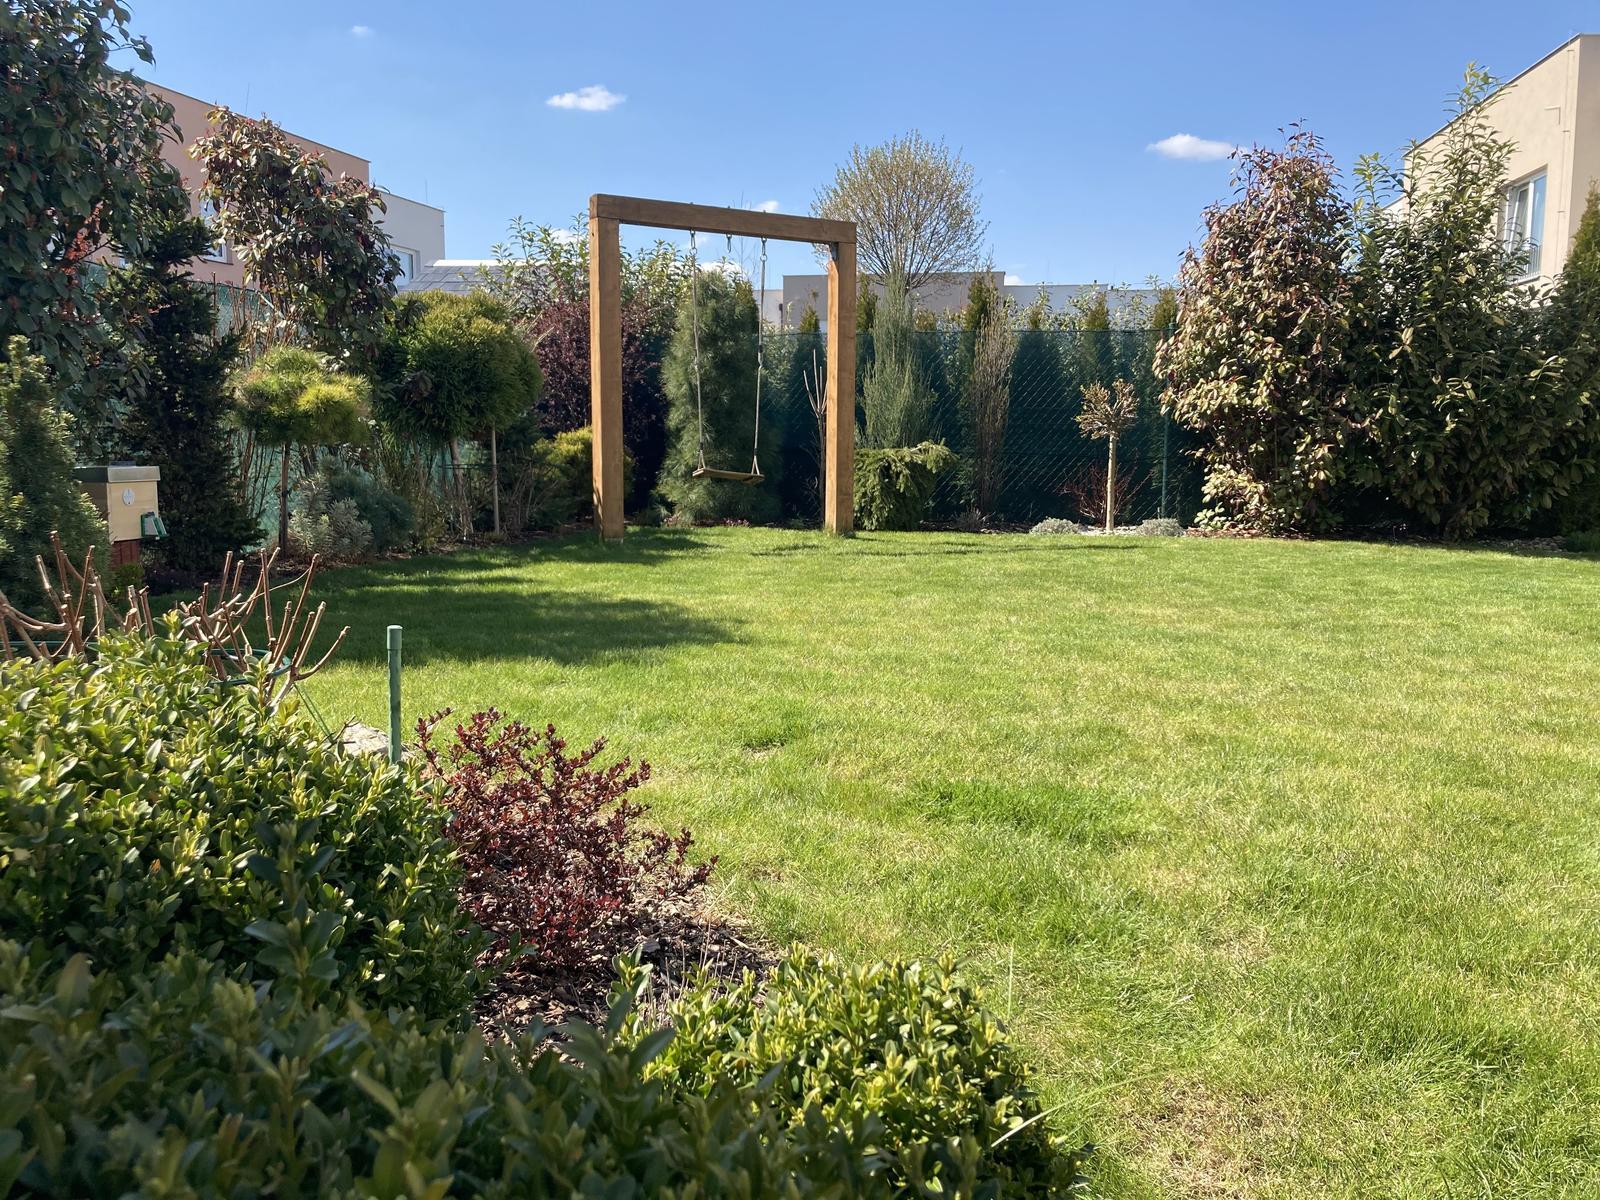 Doma i v zahradě - Obrázek č. 38